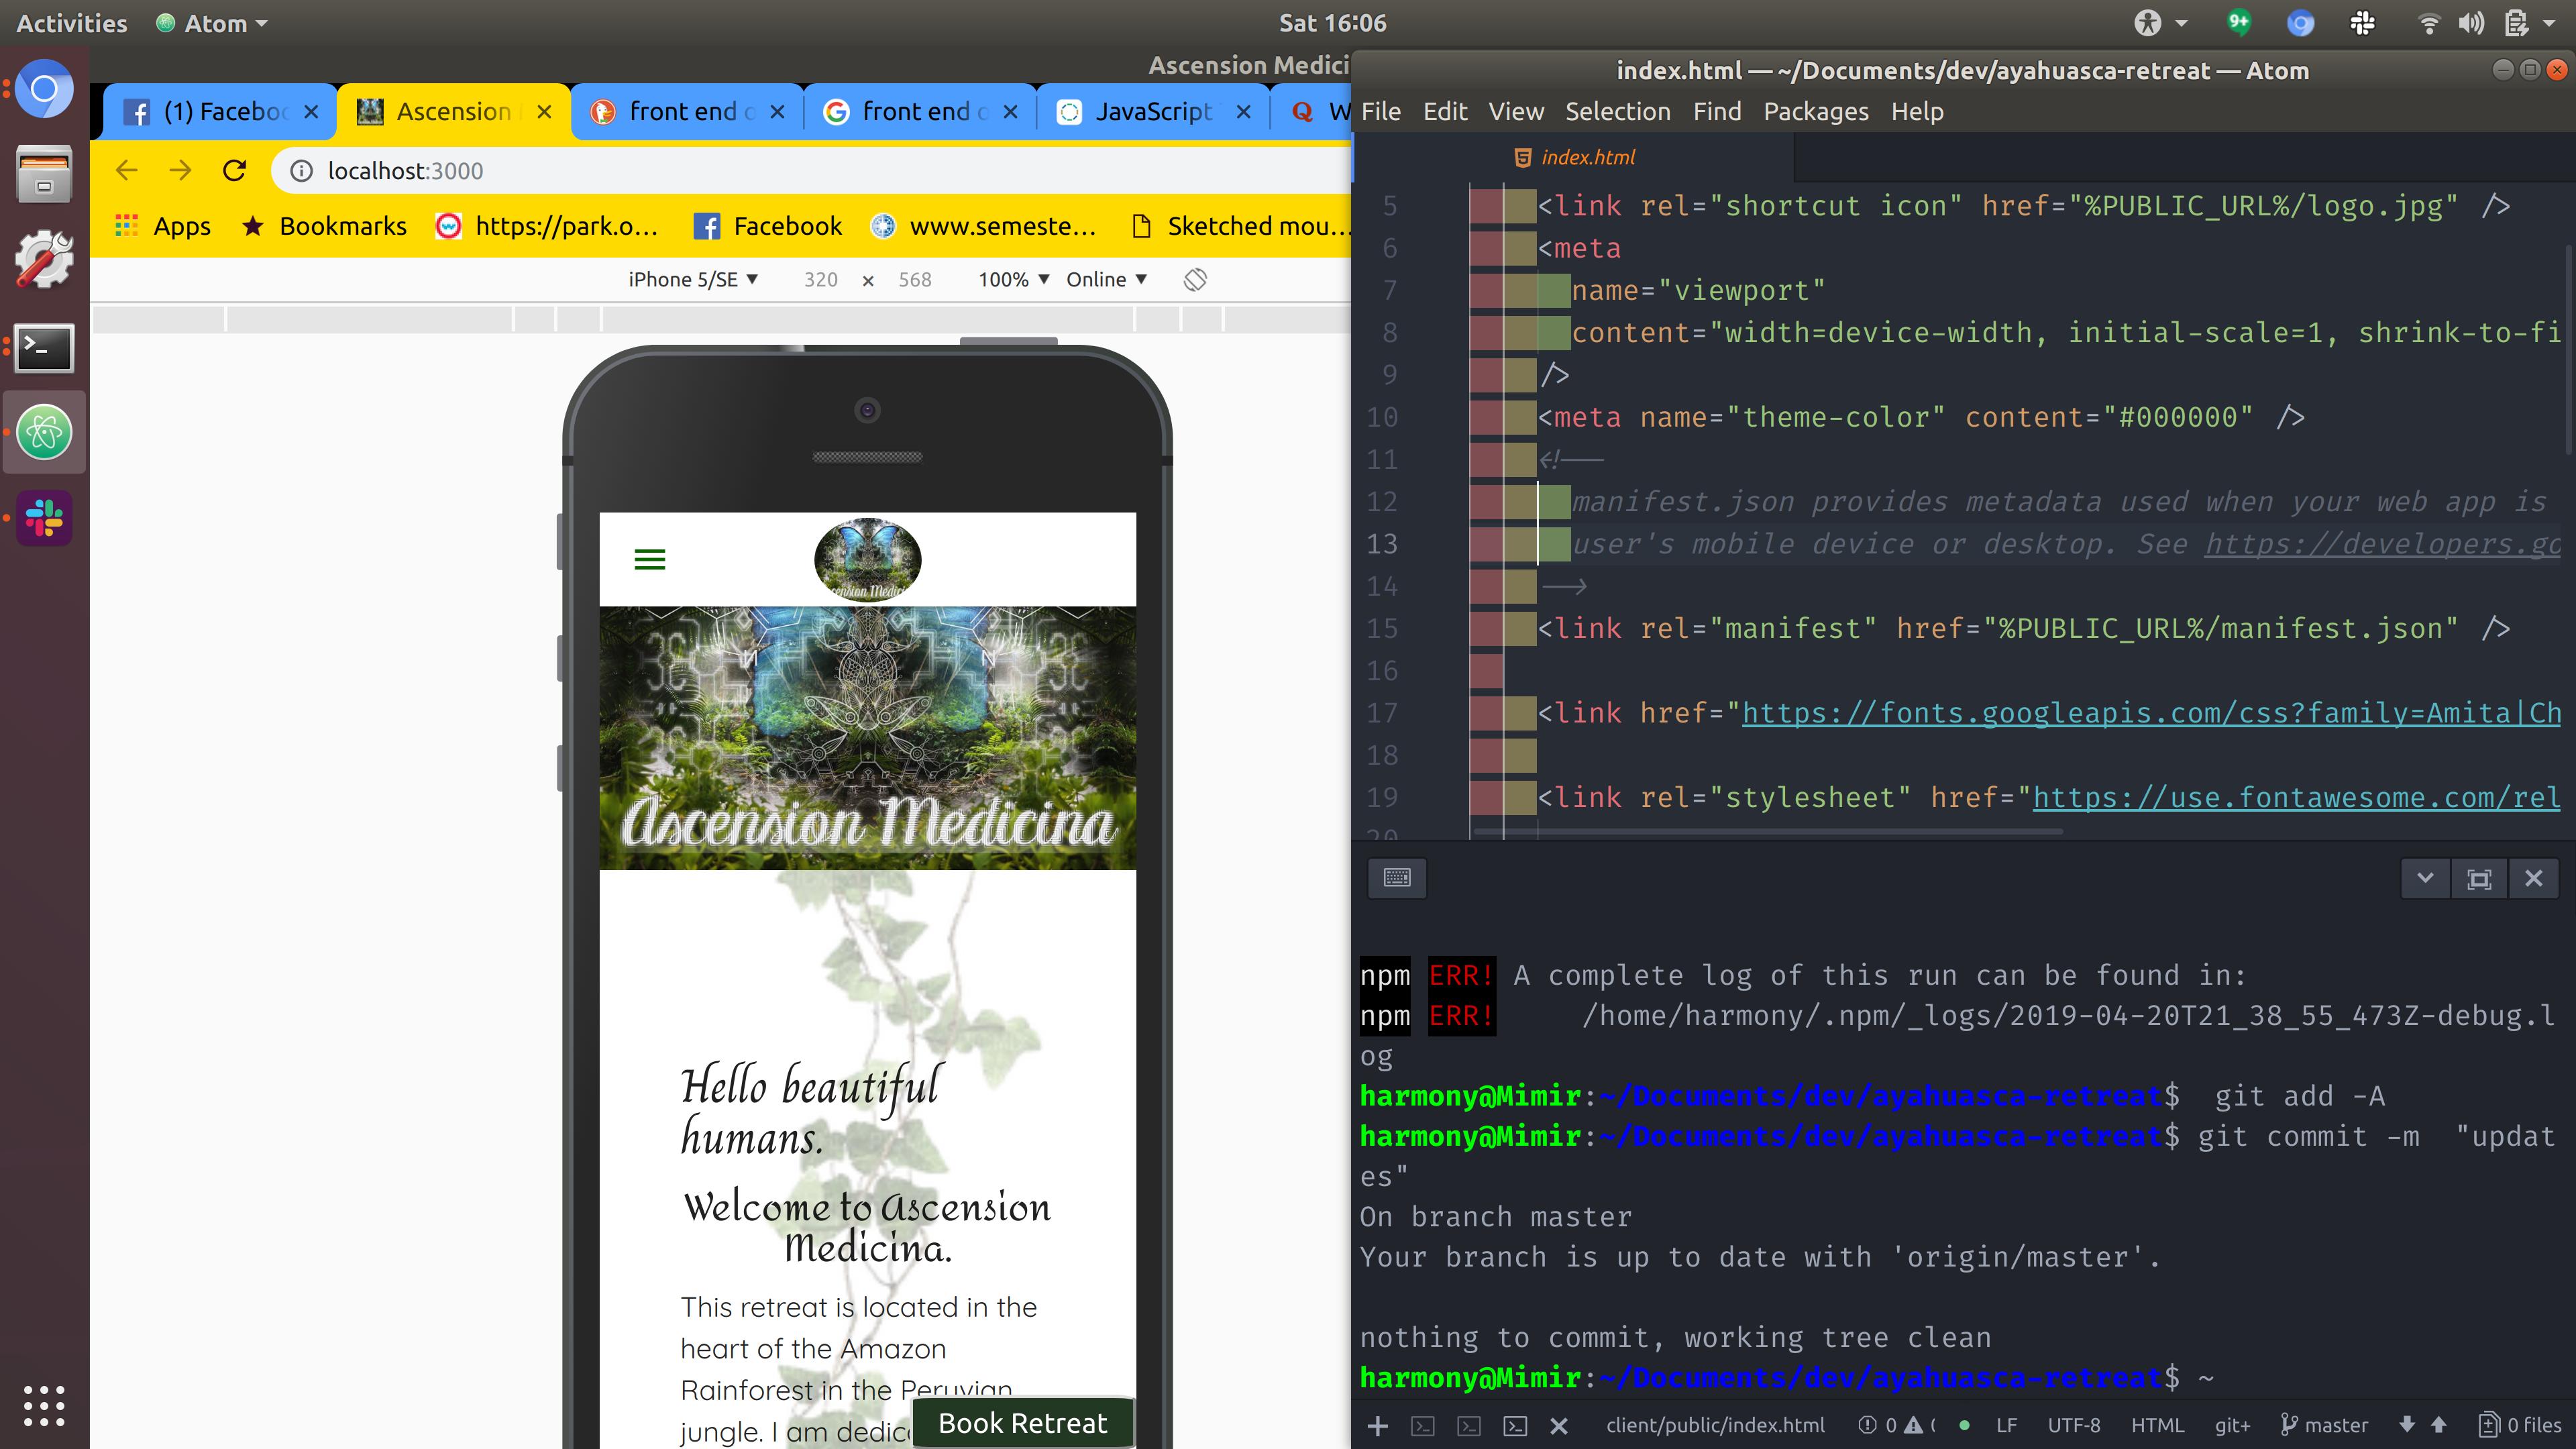 website in chrome developer tools